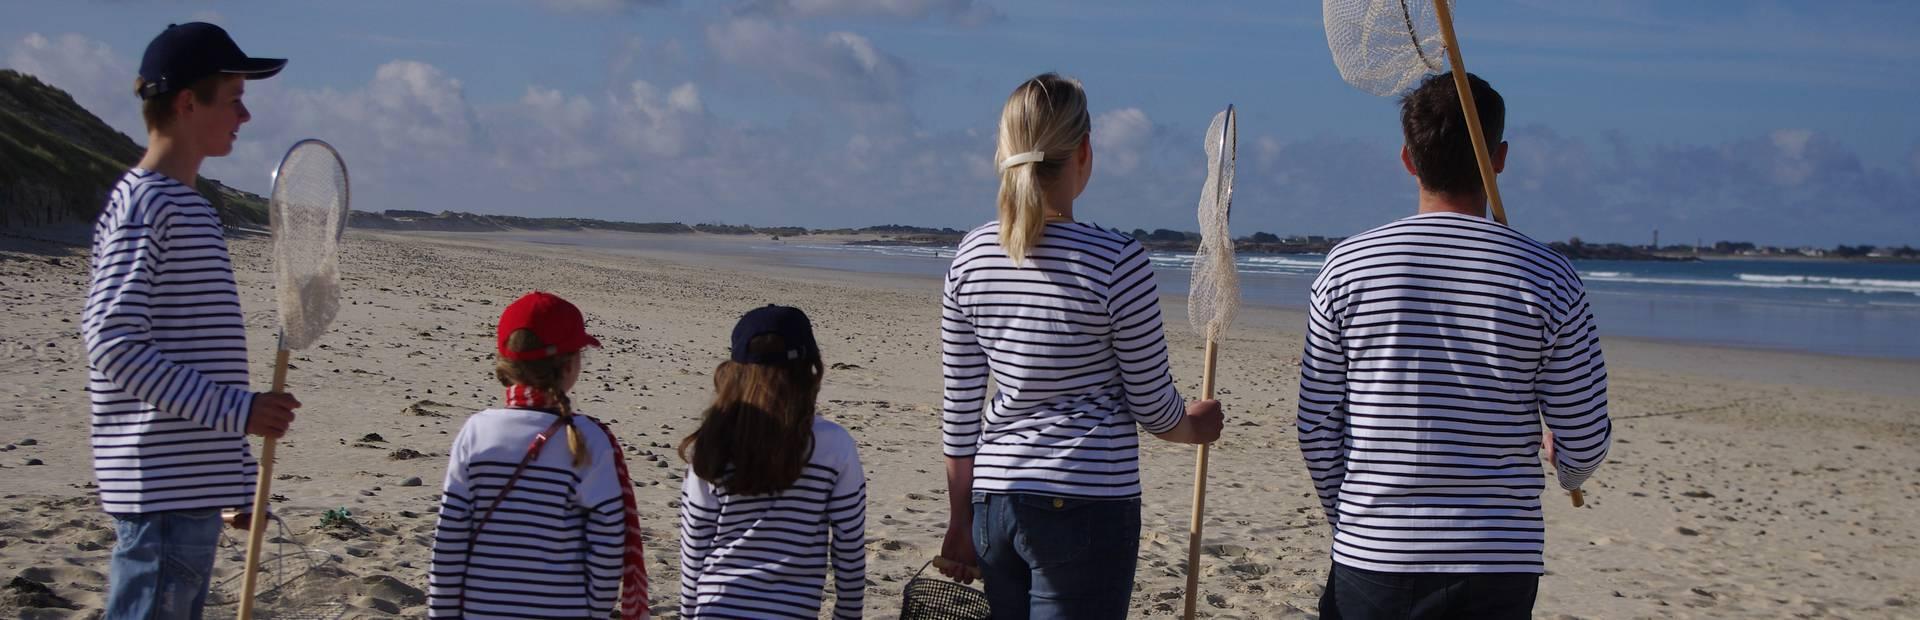 Pêche en famille en Pays Bigouden © E Cléret